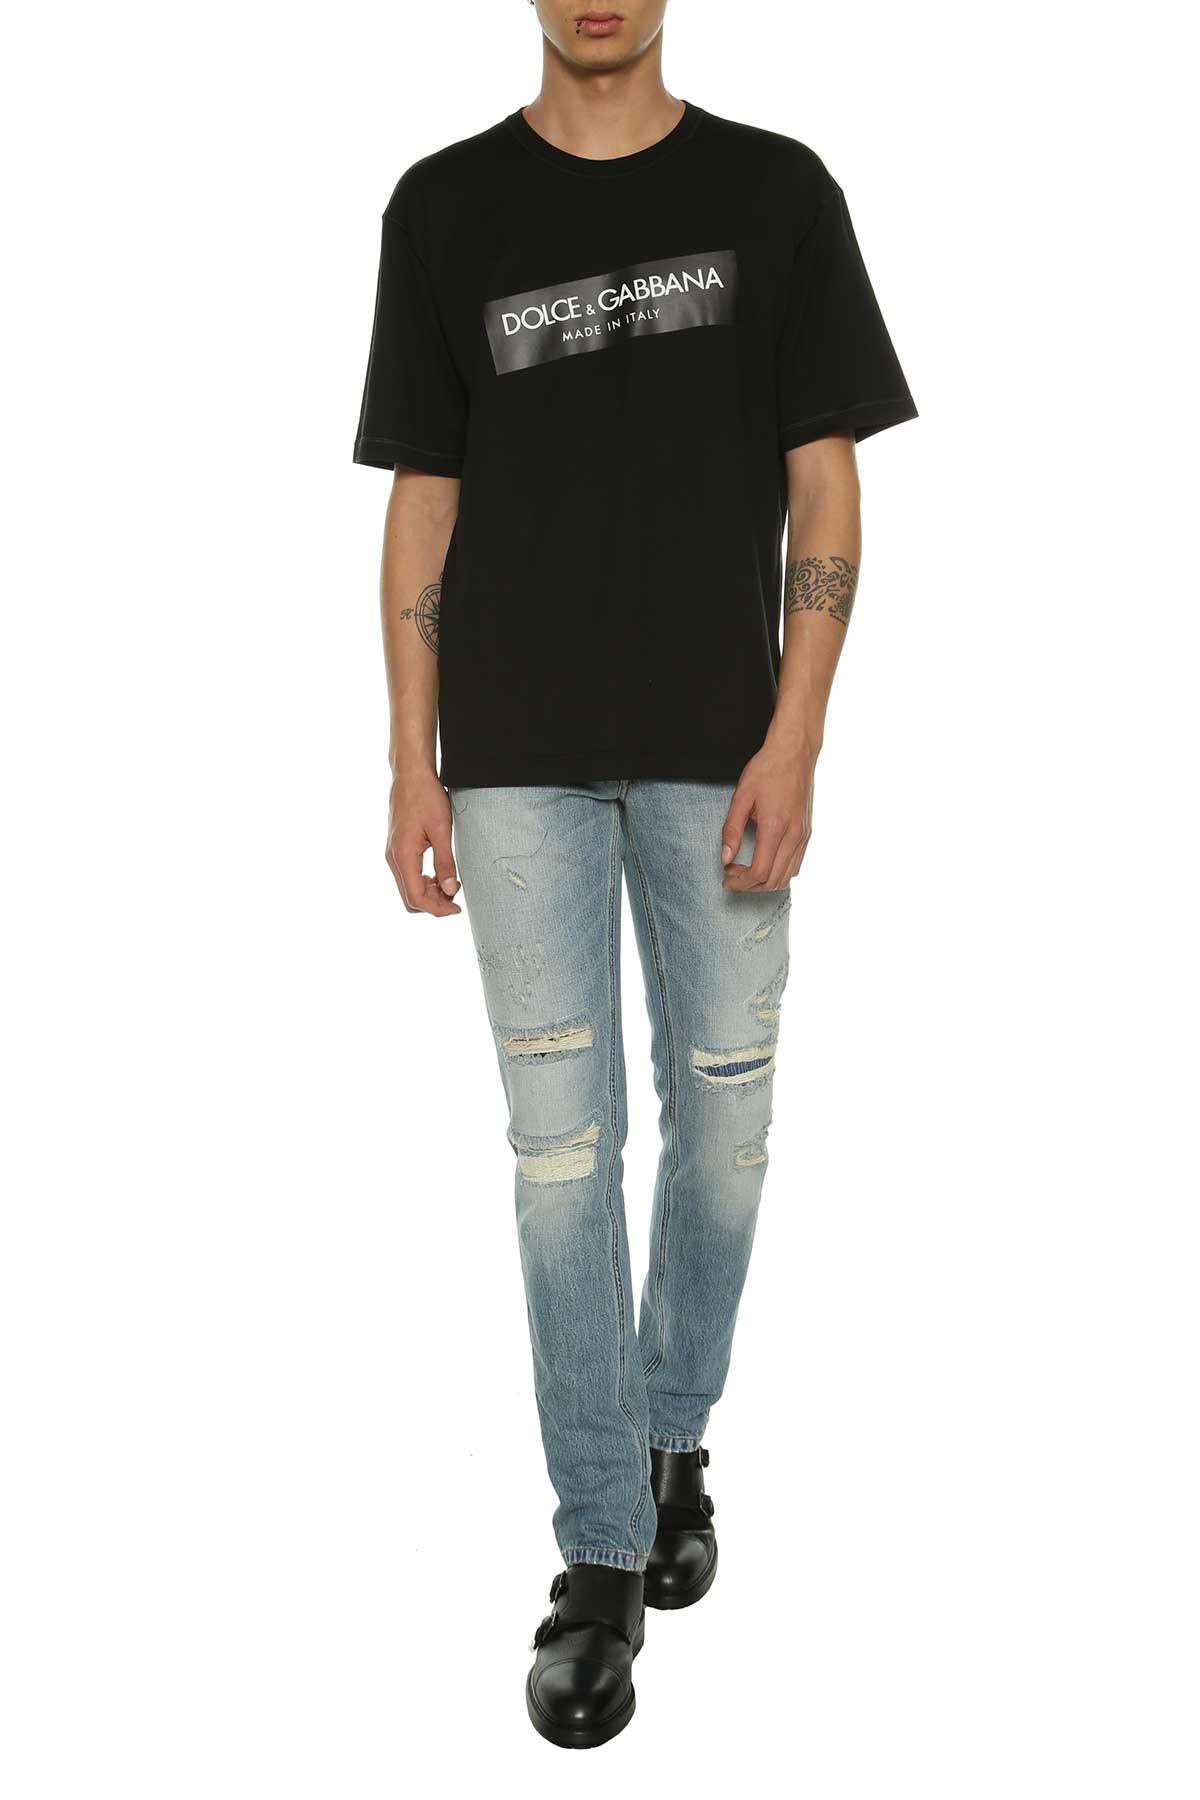 Dolce & Gabbana Dolce & Gabbana Printed T-shirt